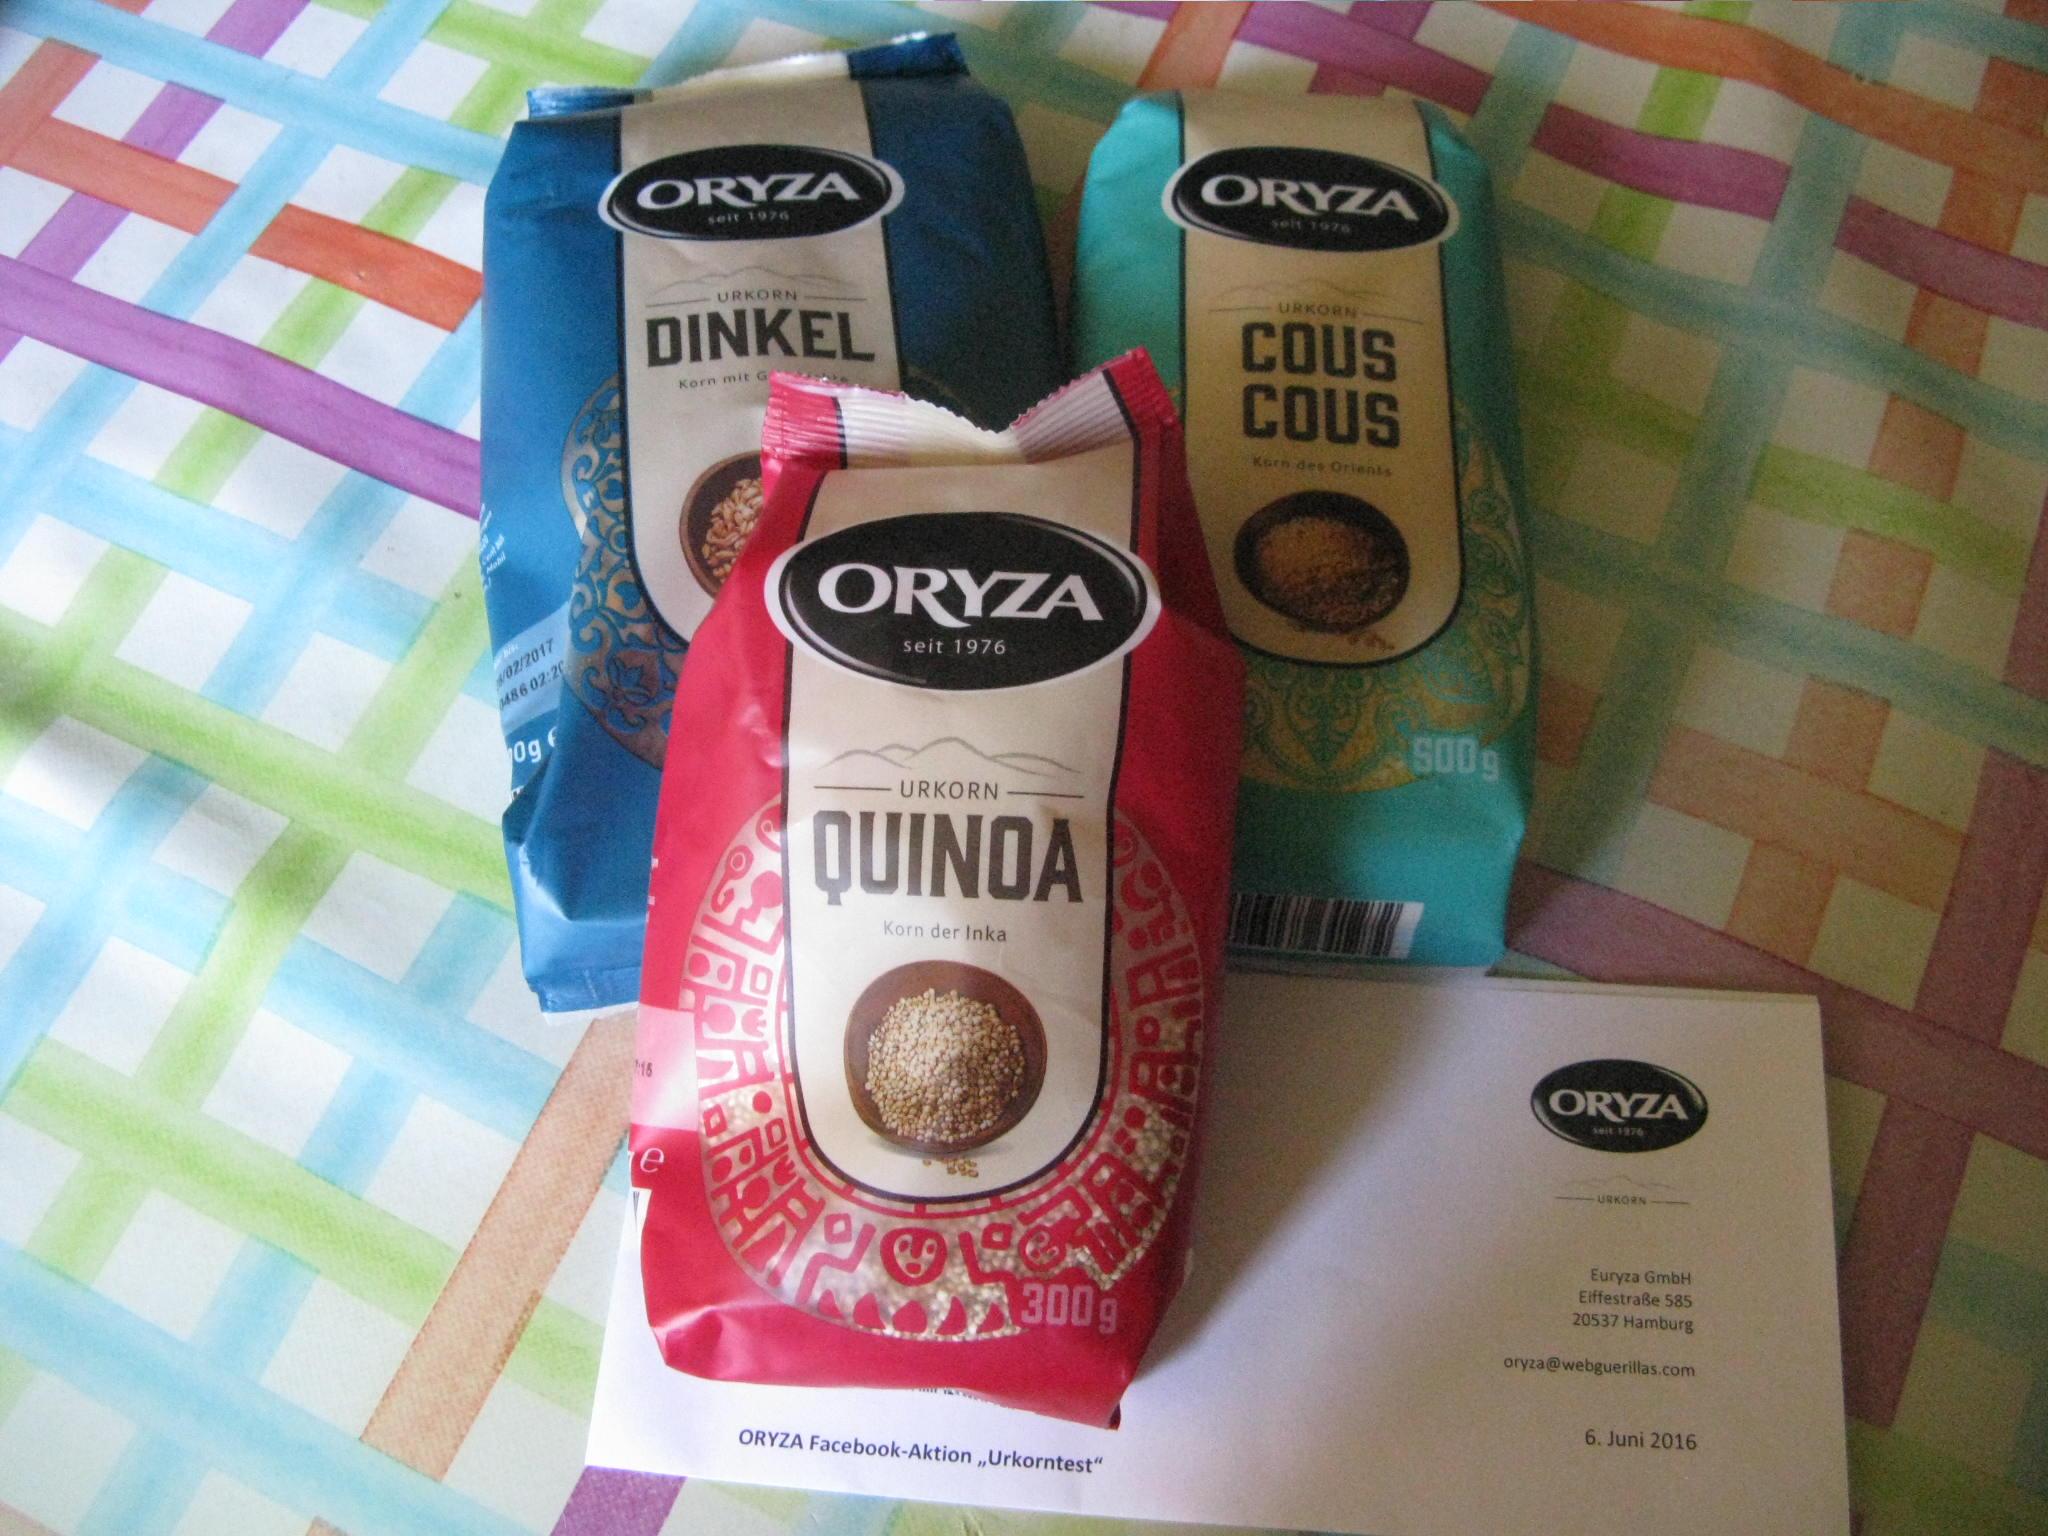 Quinoa Urkorn von Oryza